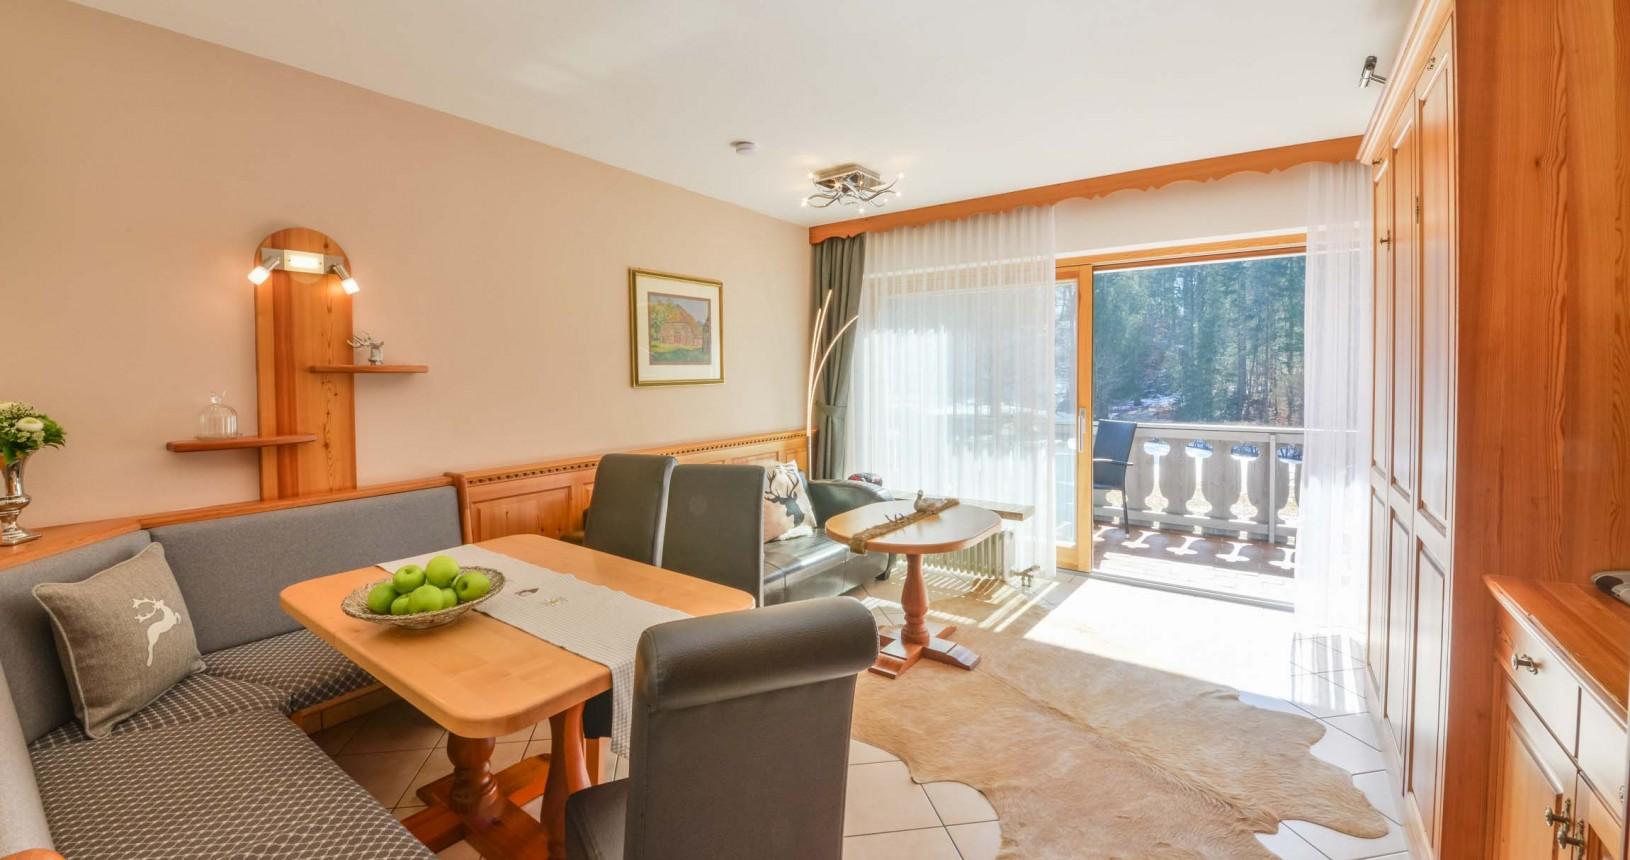 Grainau Apartments schöne Wohnzimmer Terrasse